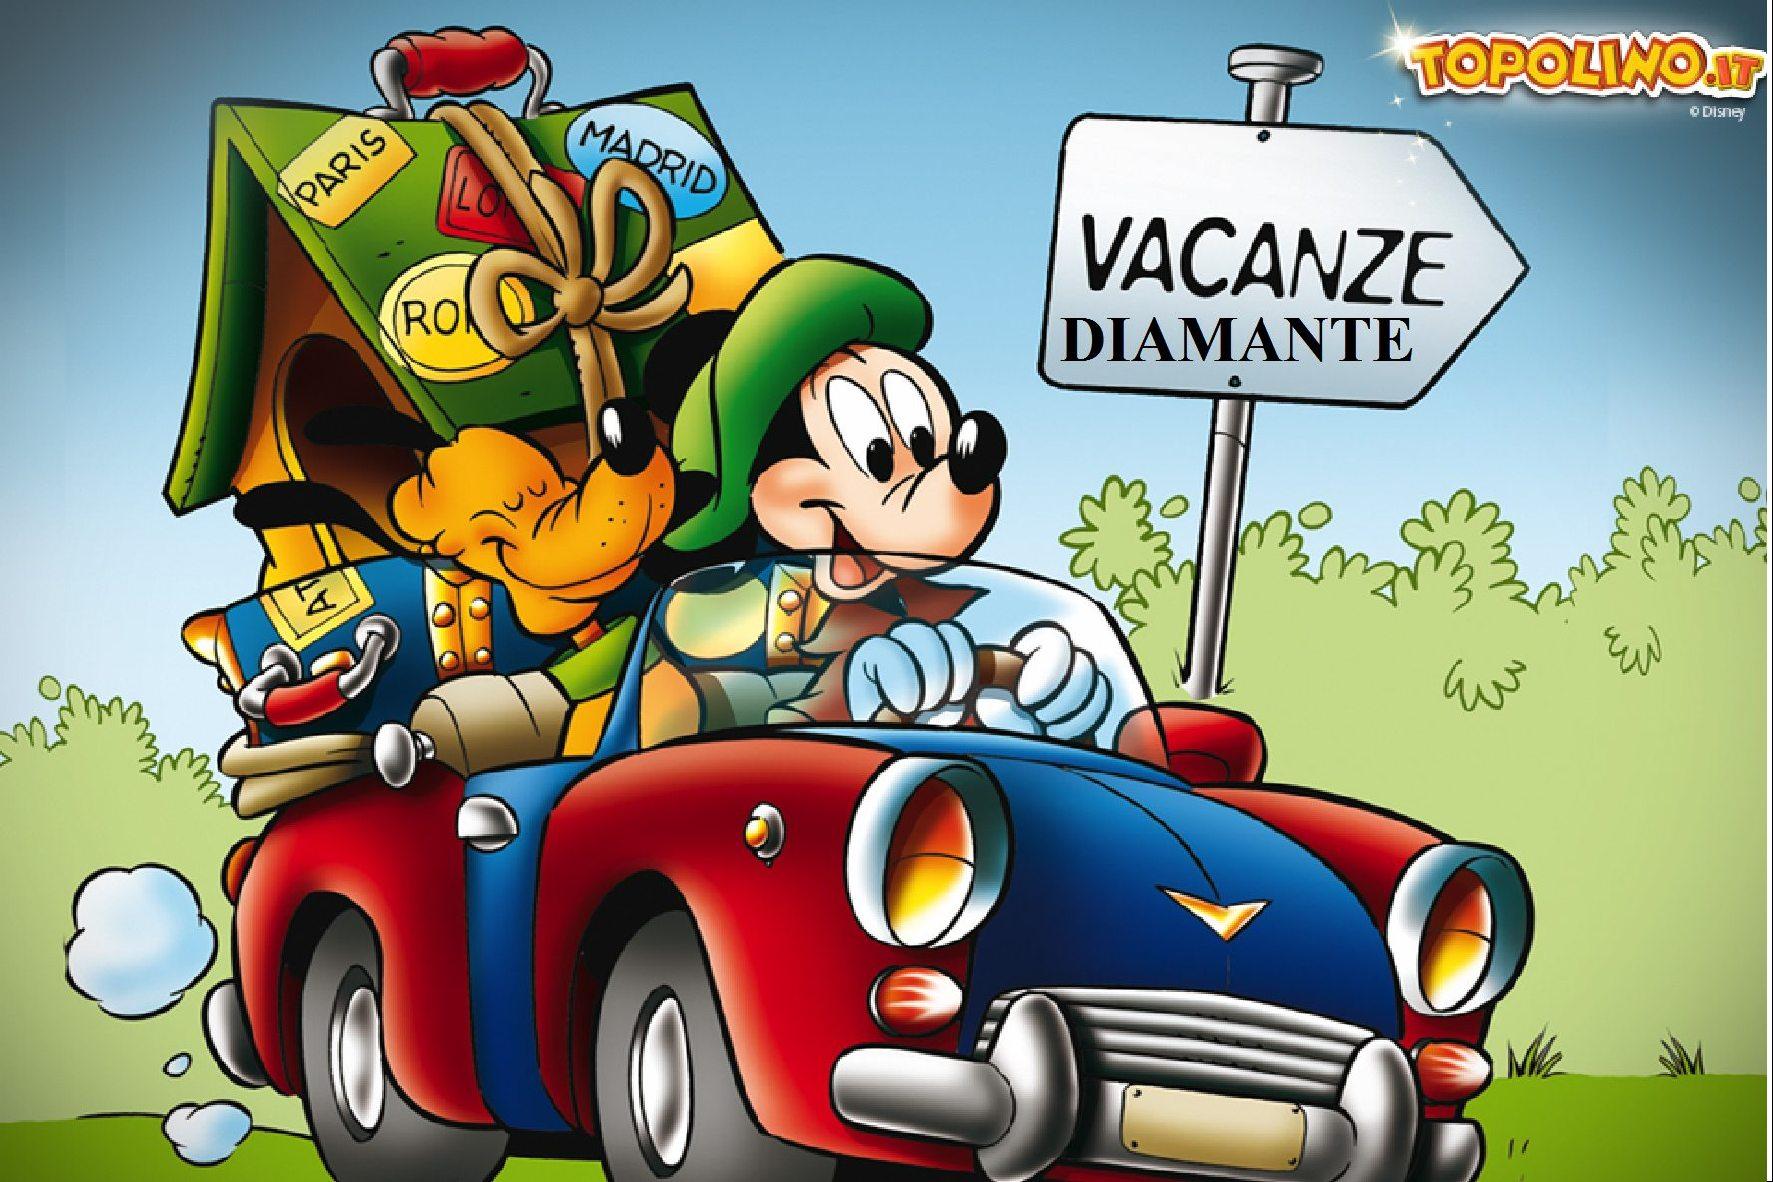 Vacanze_di_Topolino.jpg